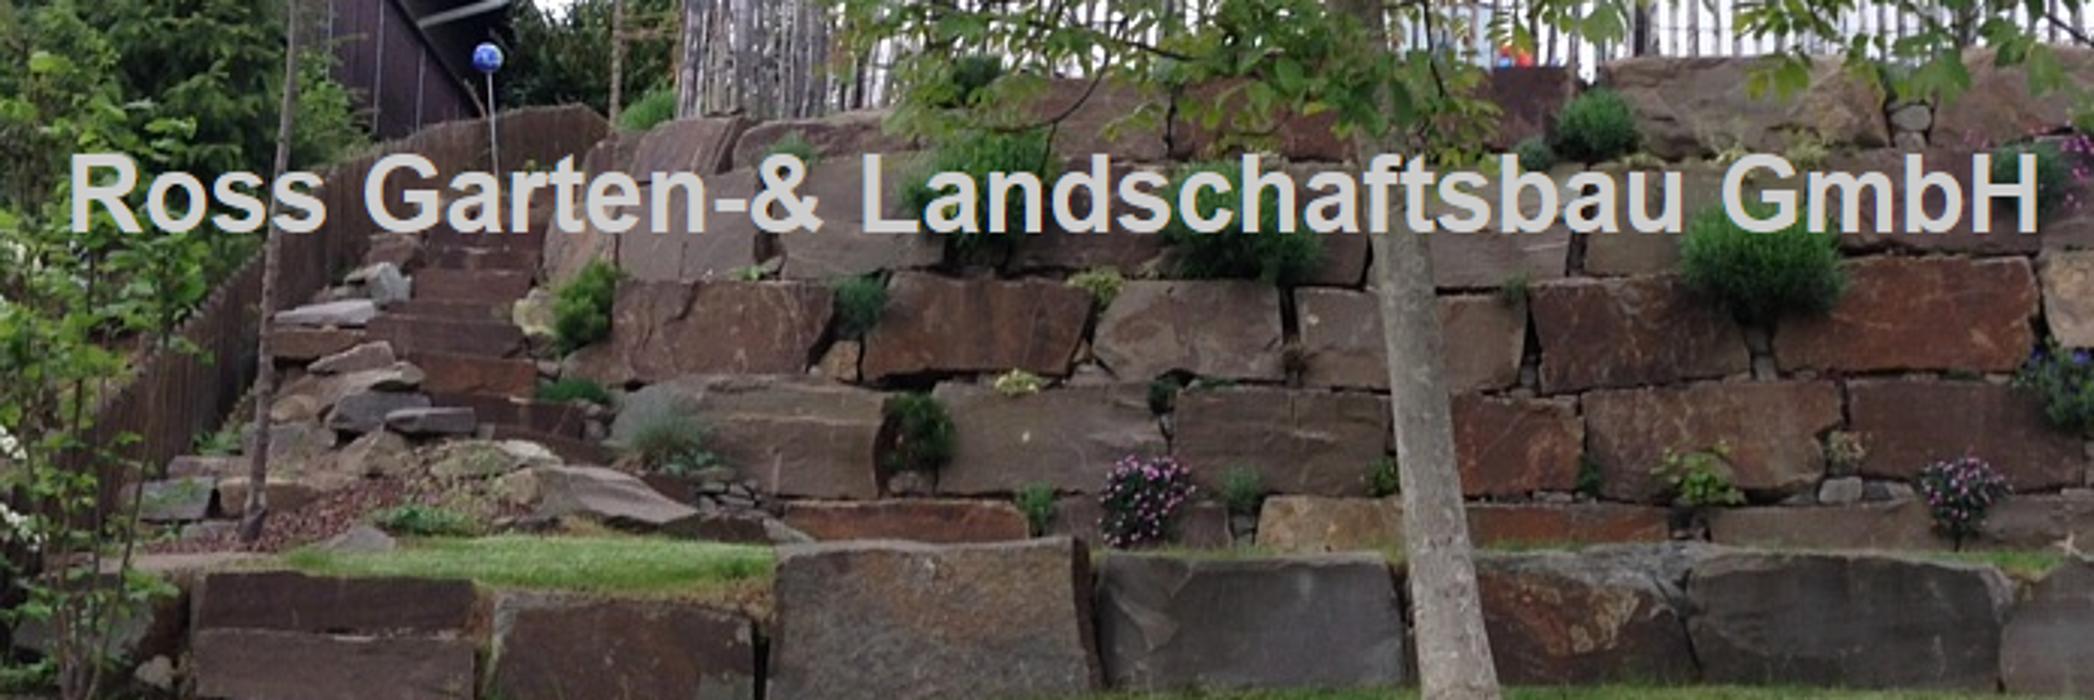 Bild zu Ross Garten- & Landschaftsbau GmbH in Königswinter